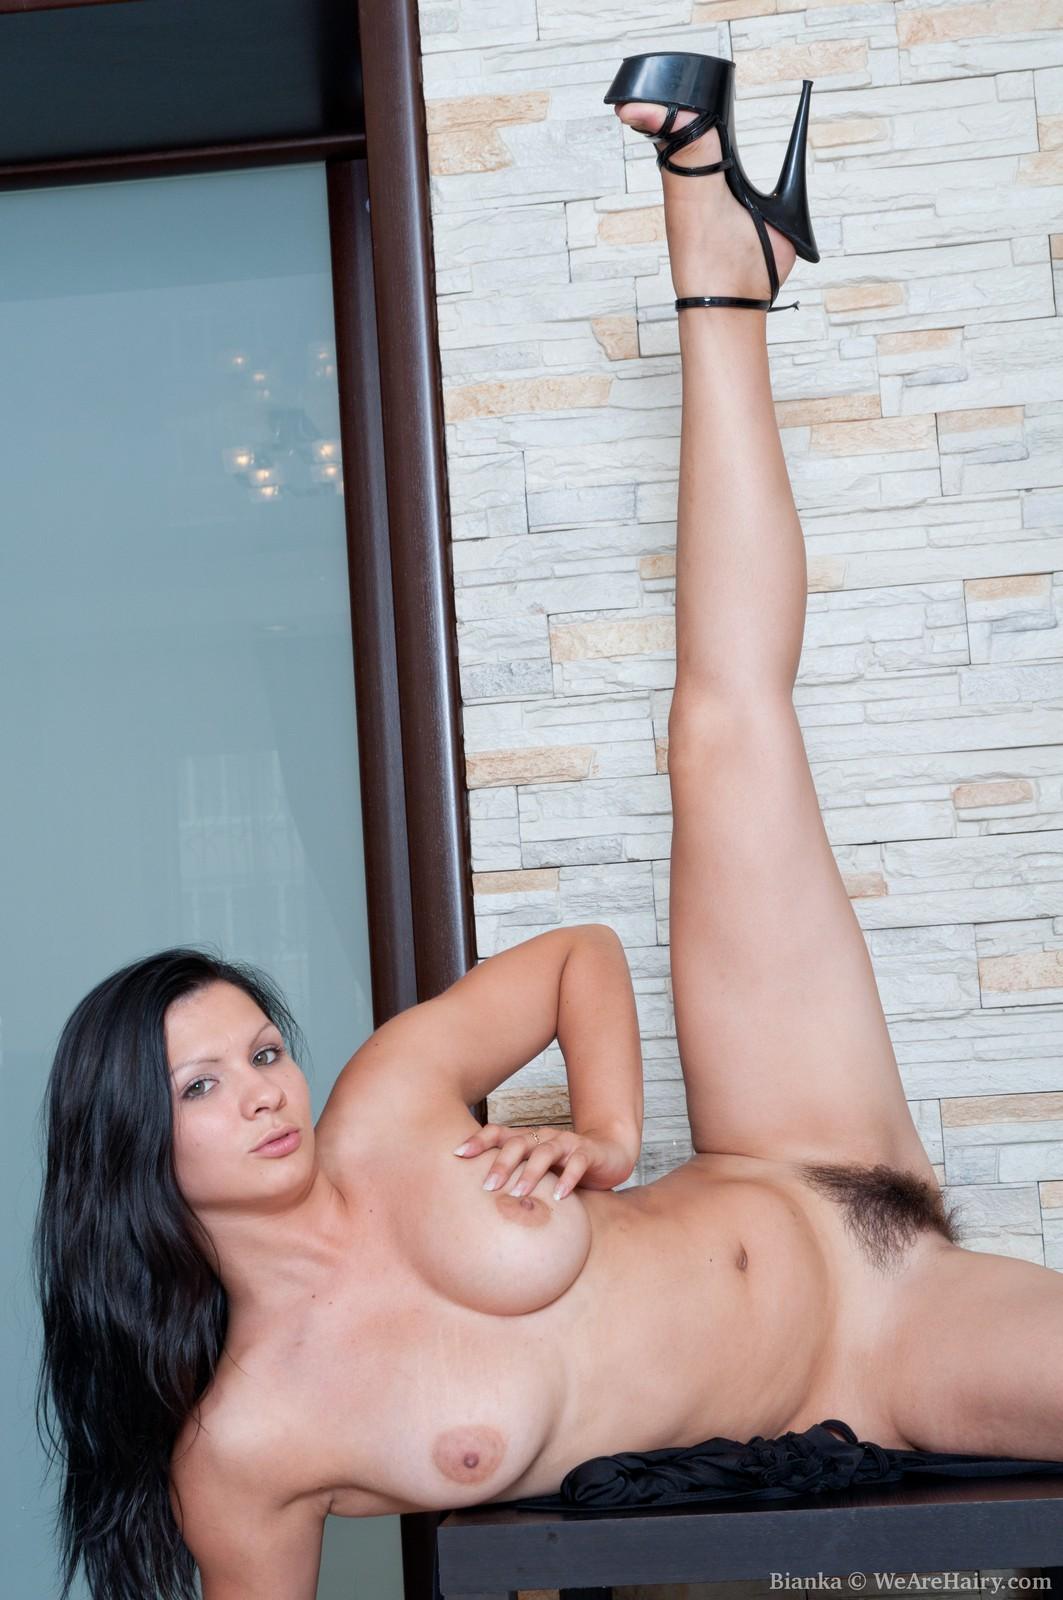 показывает свои ножки бьянка голая